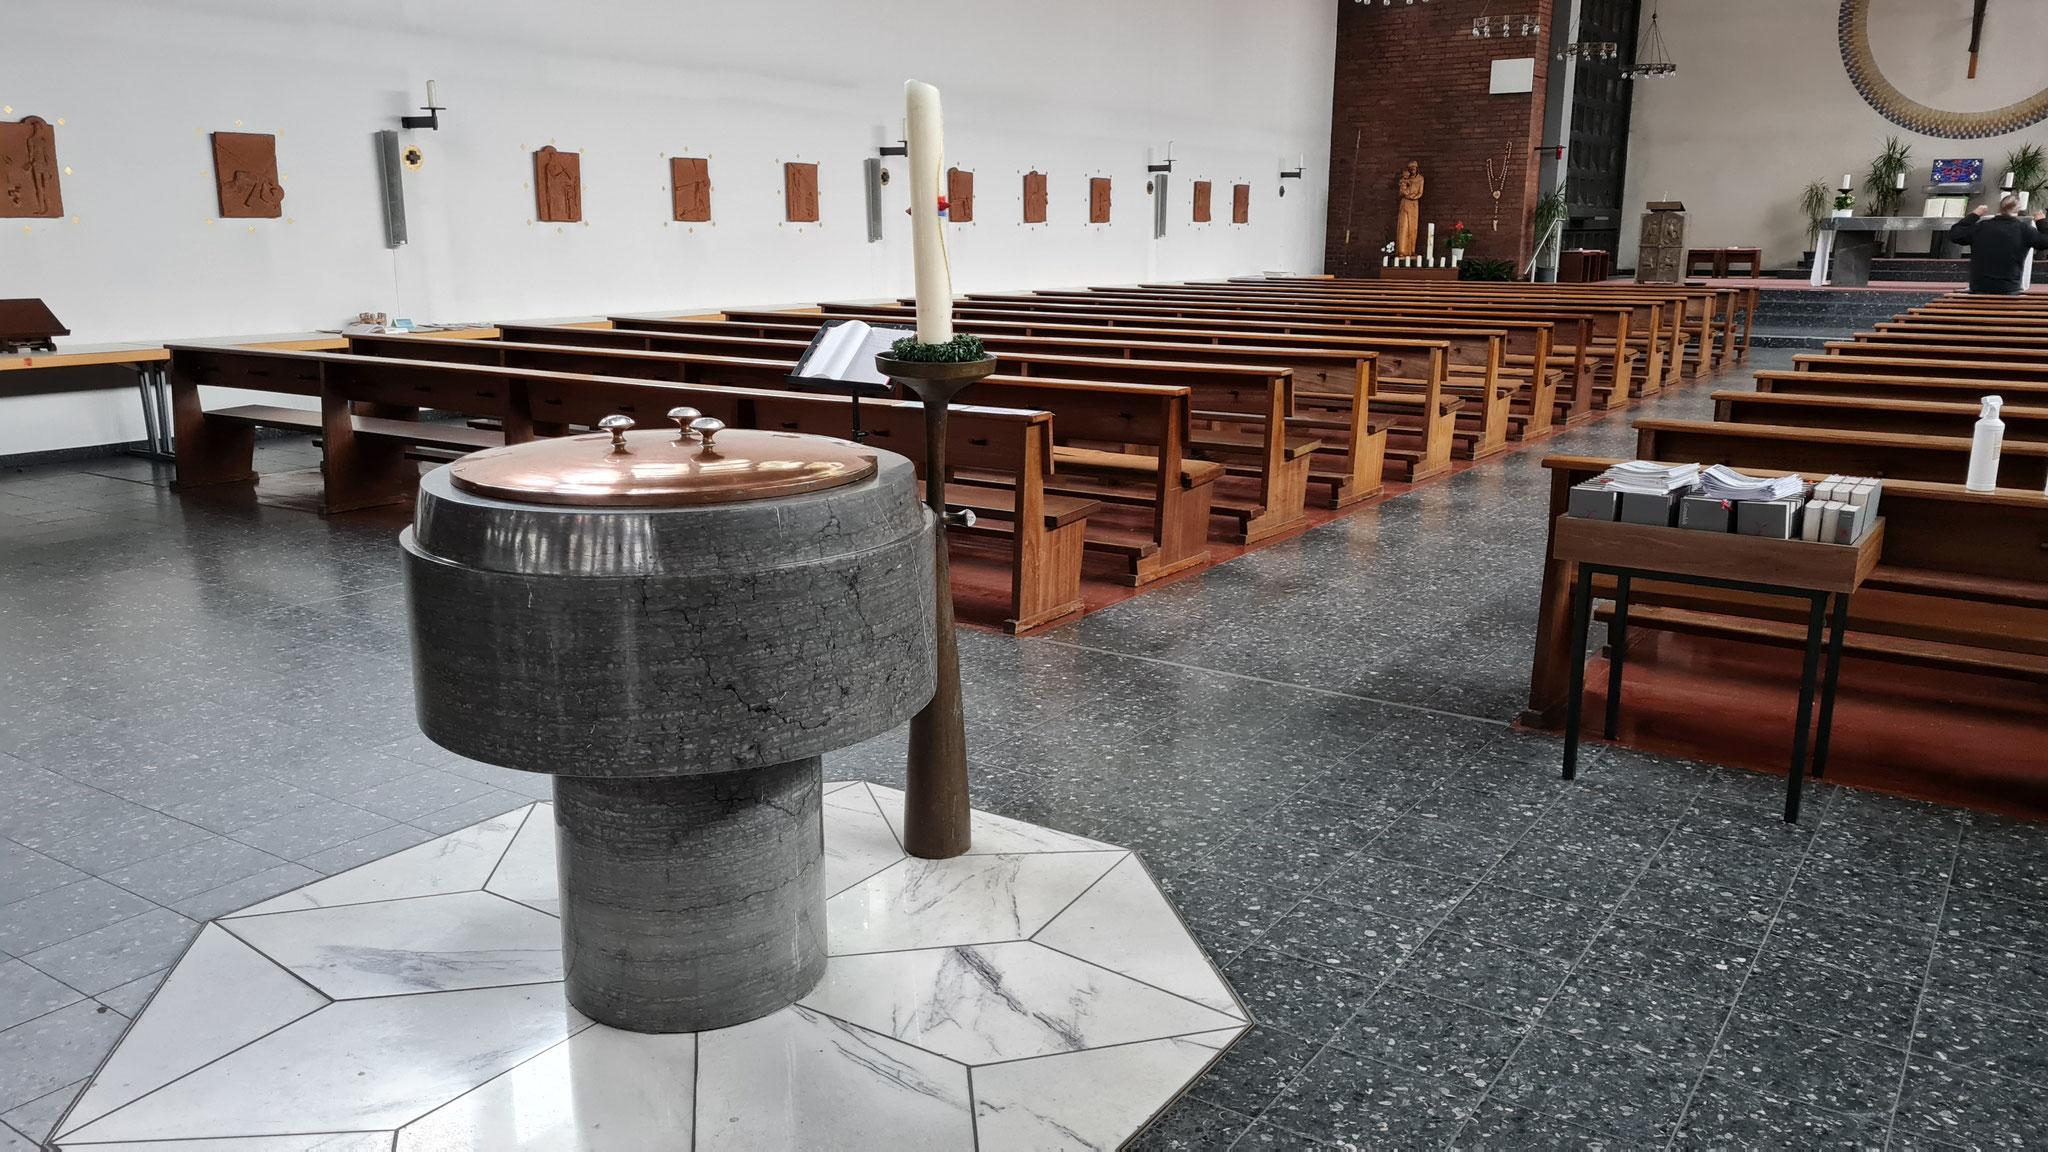 Taufbrunnen, Kerzenständer und sogar die Kreuzwegstationen sind nur einige der Gegenstände der Wedauer Josephskirche , die in eine Kirchengemeinde in Polen umziehen.